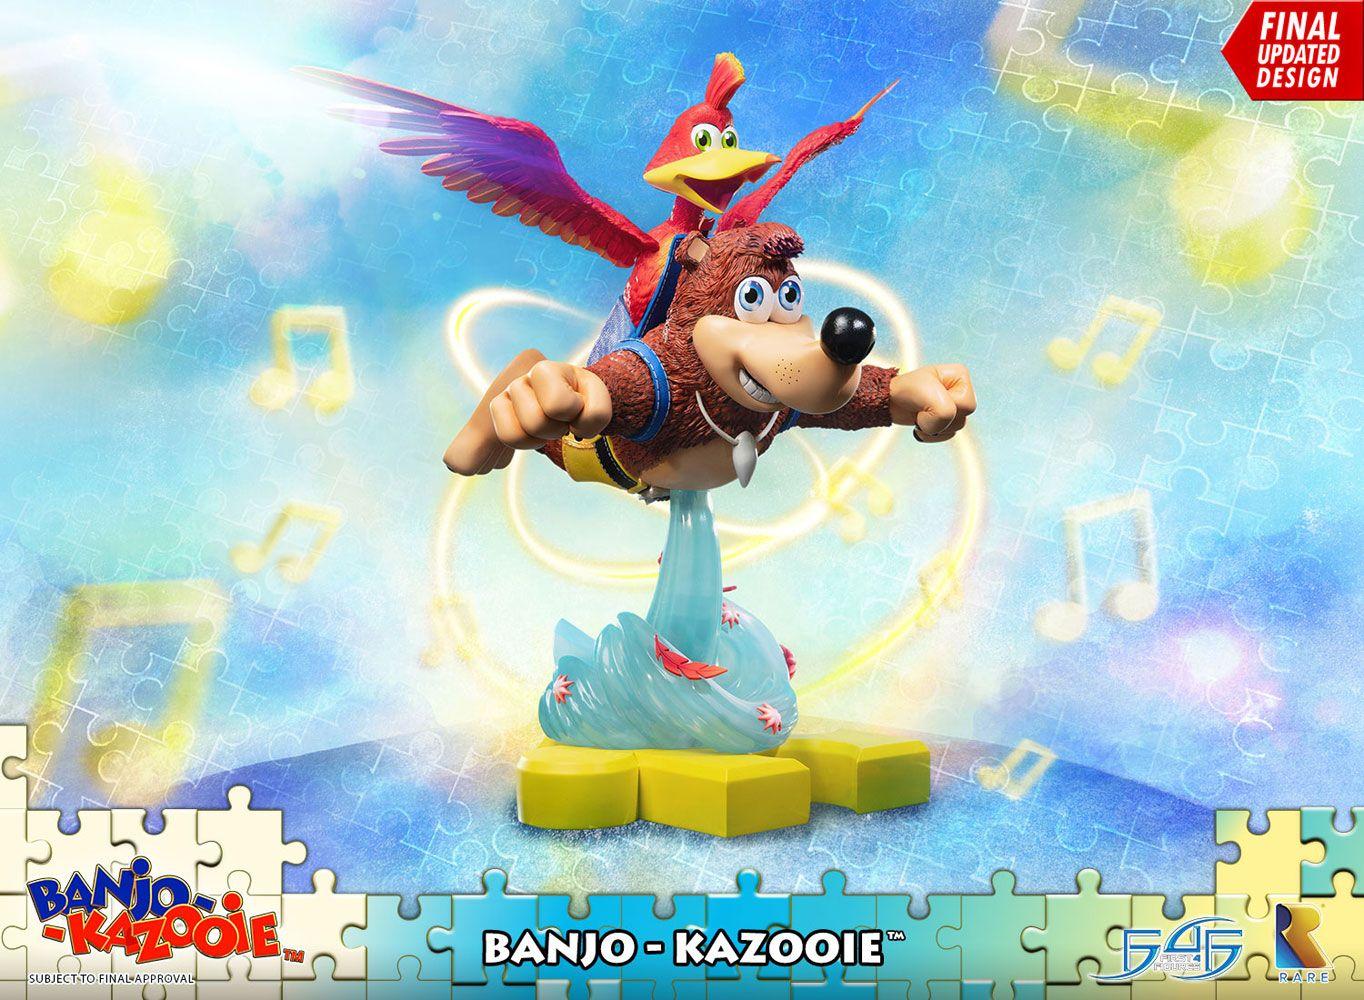 Banjo-Kazooie Statue Banjo & Kazooie 51 cm